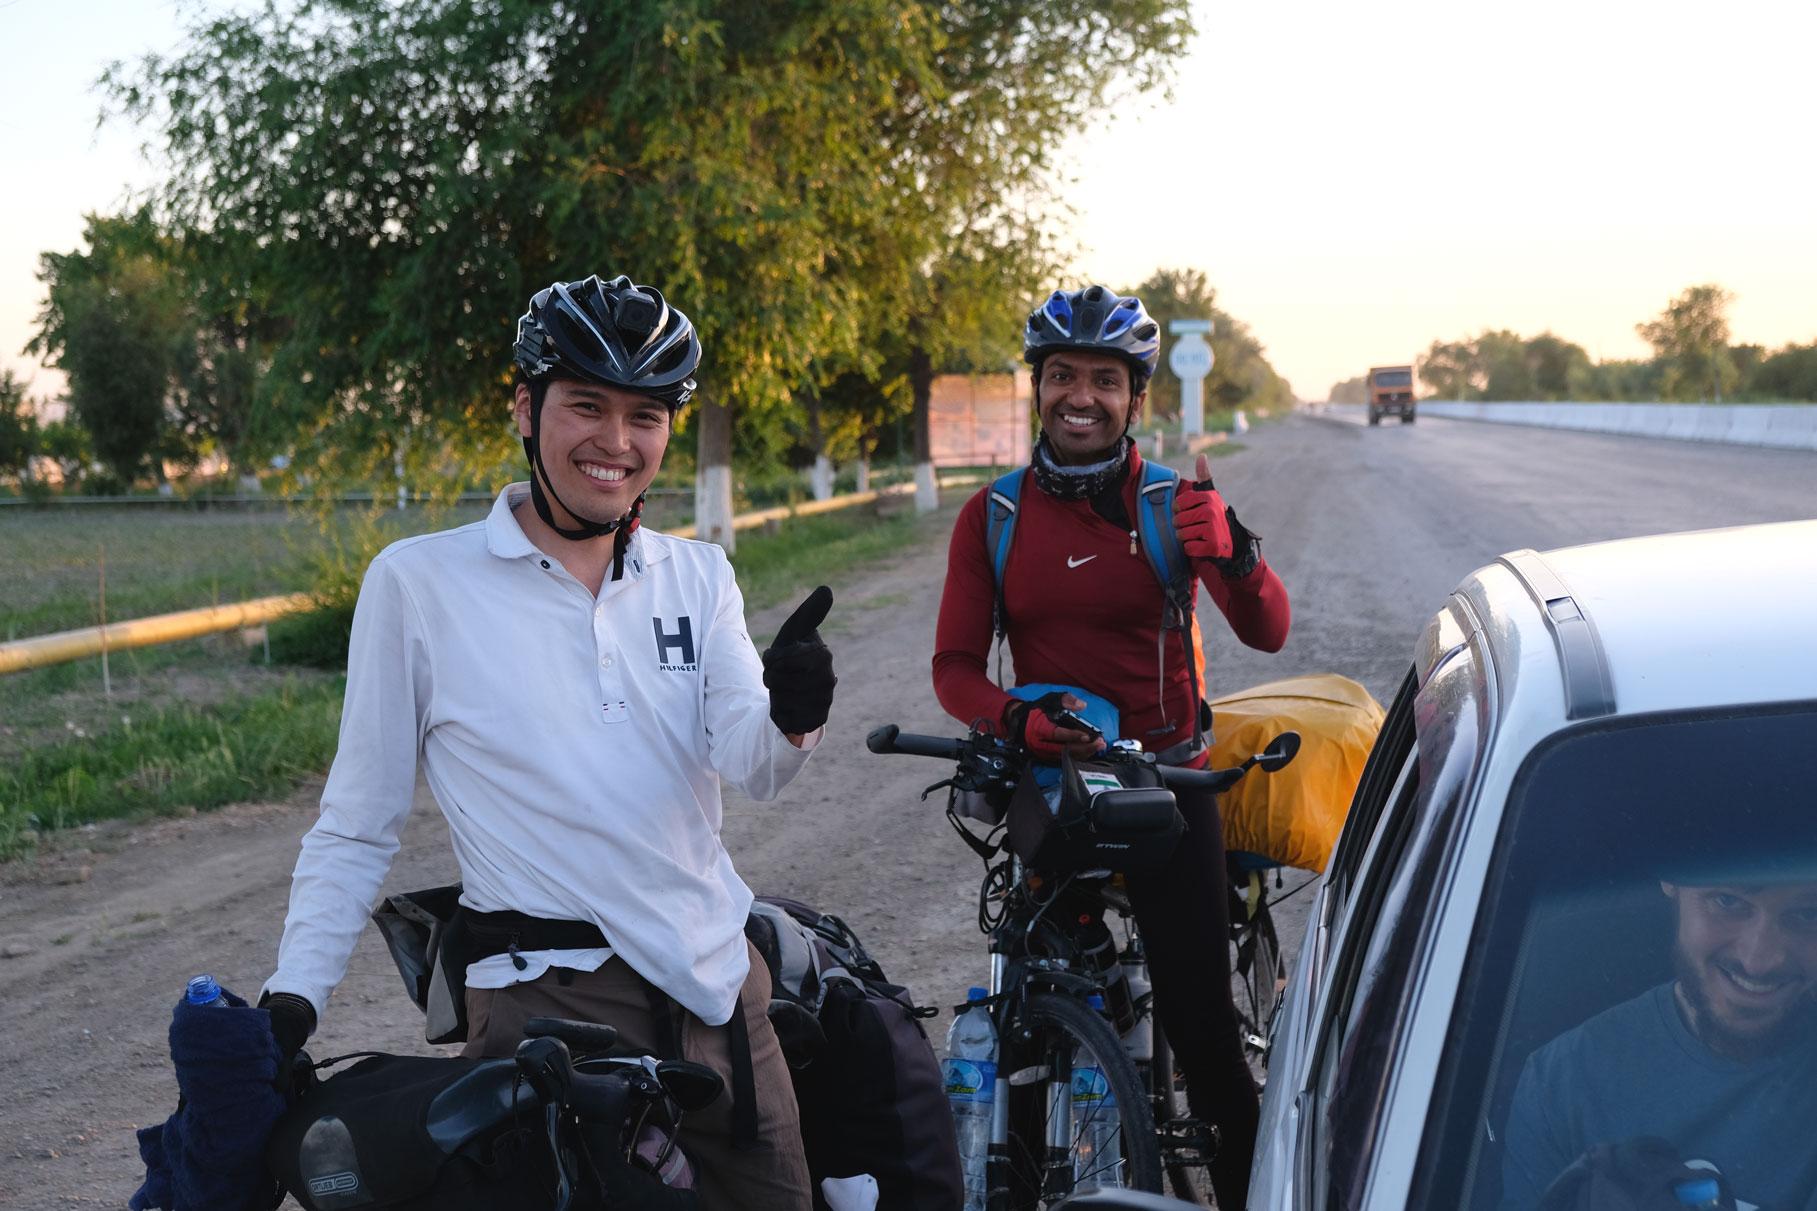 Ichiro und Jogesh auf ihren Fahrrädern neben einem Auto, in dem Sebastian sitzt